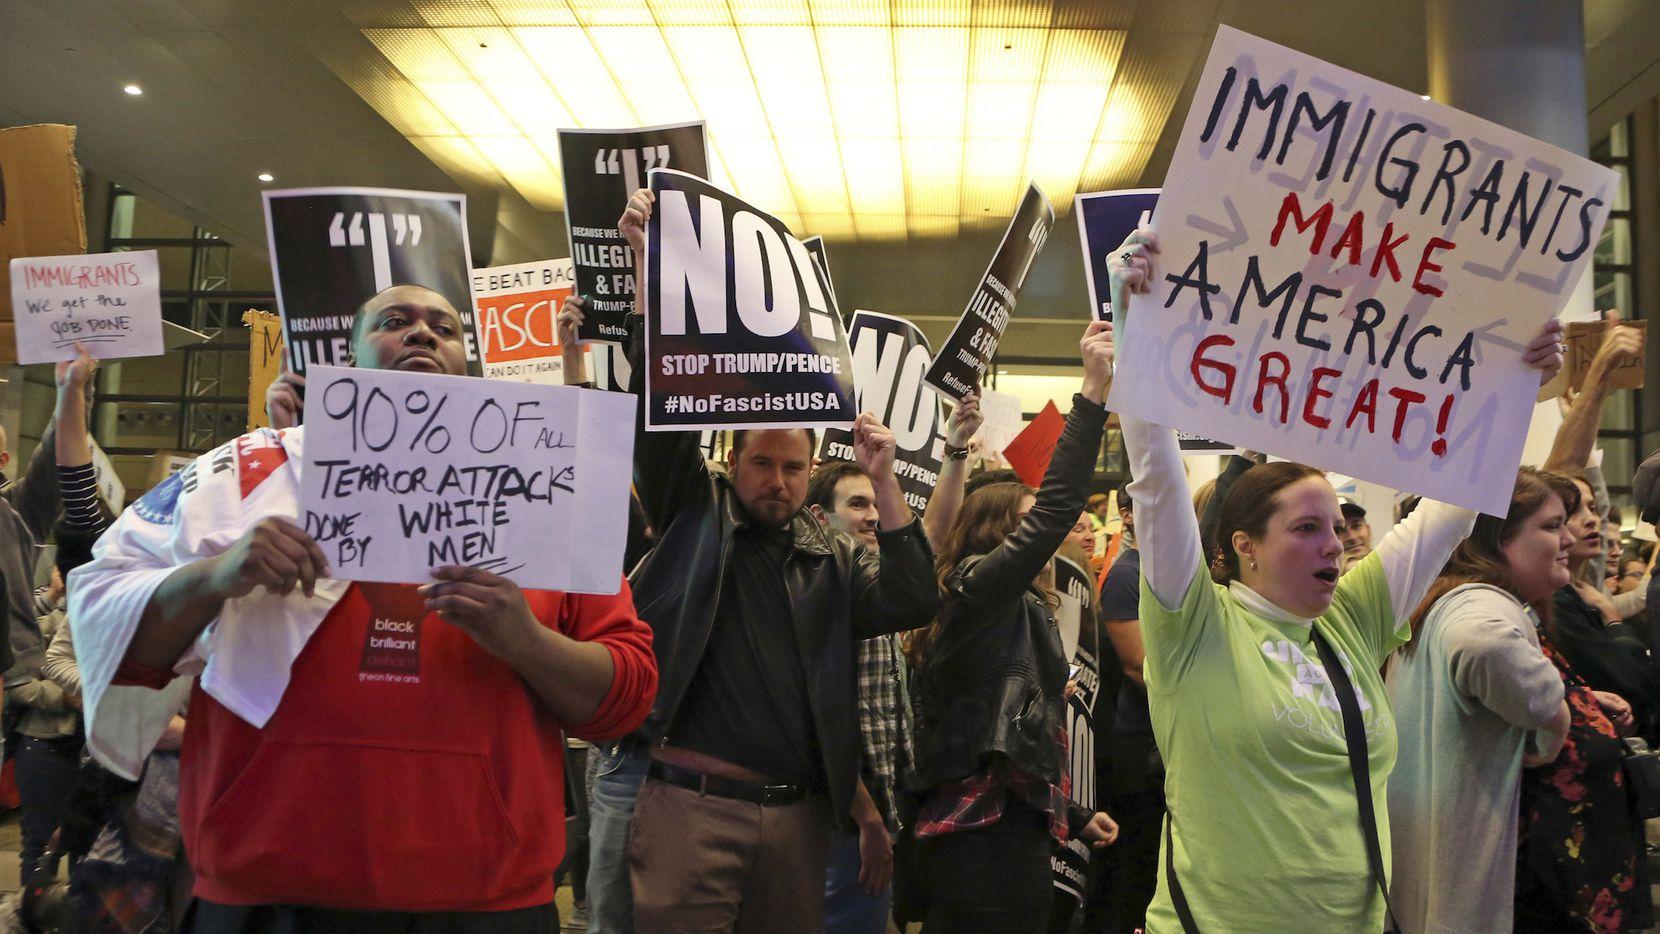 Personas protestan las órdenes ejecutivas del presidente Donald Trump de restringir ingreso de refugiados a Estados Unidos.